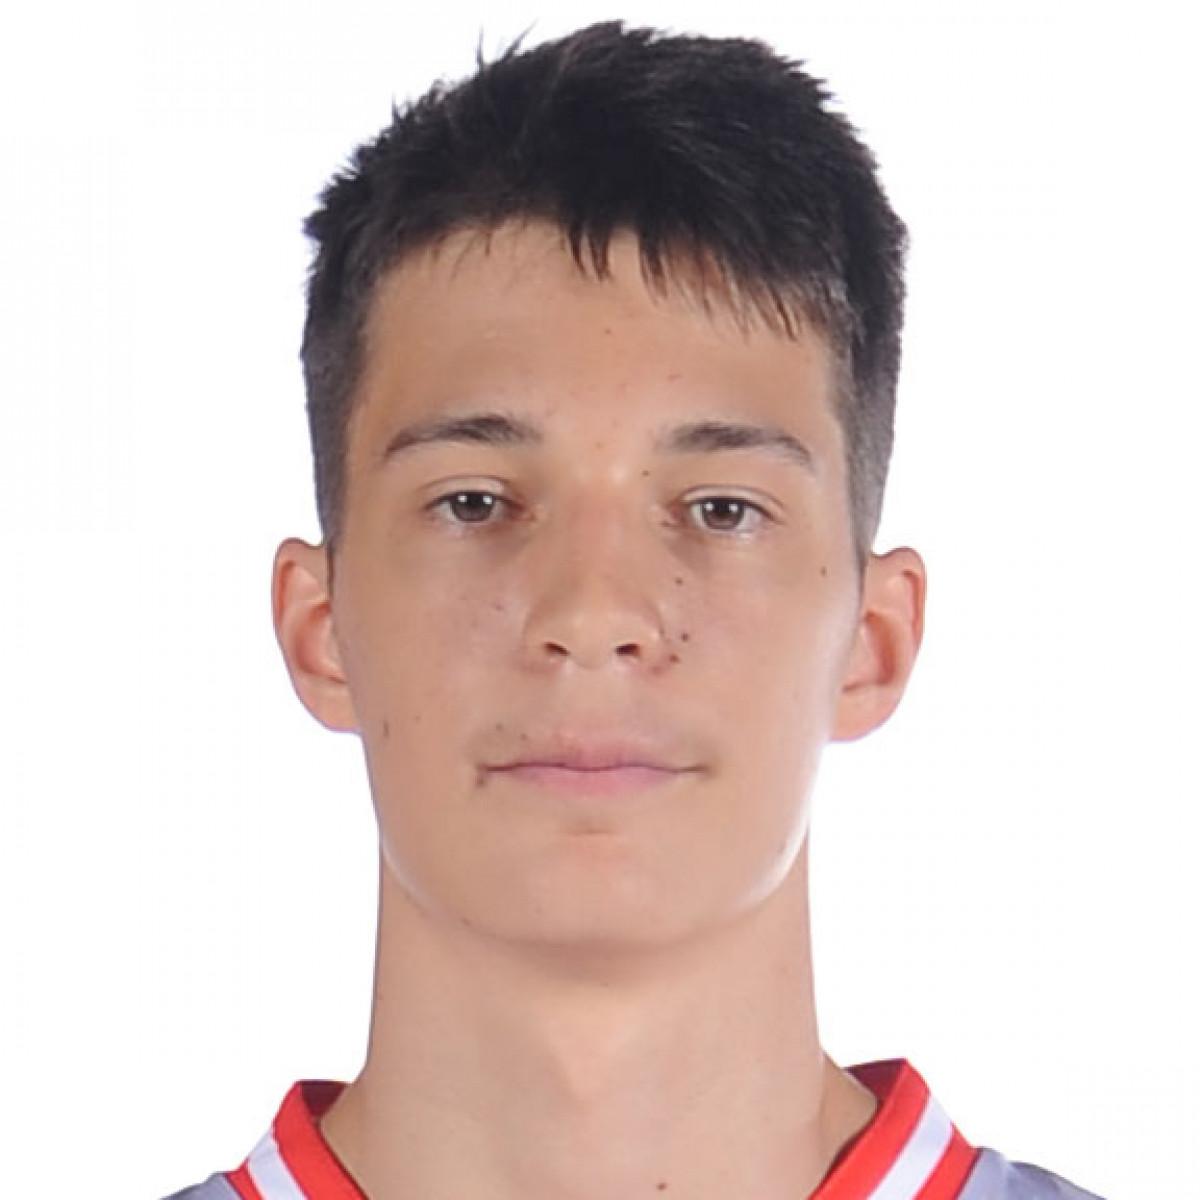 Vuk Vucevic